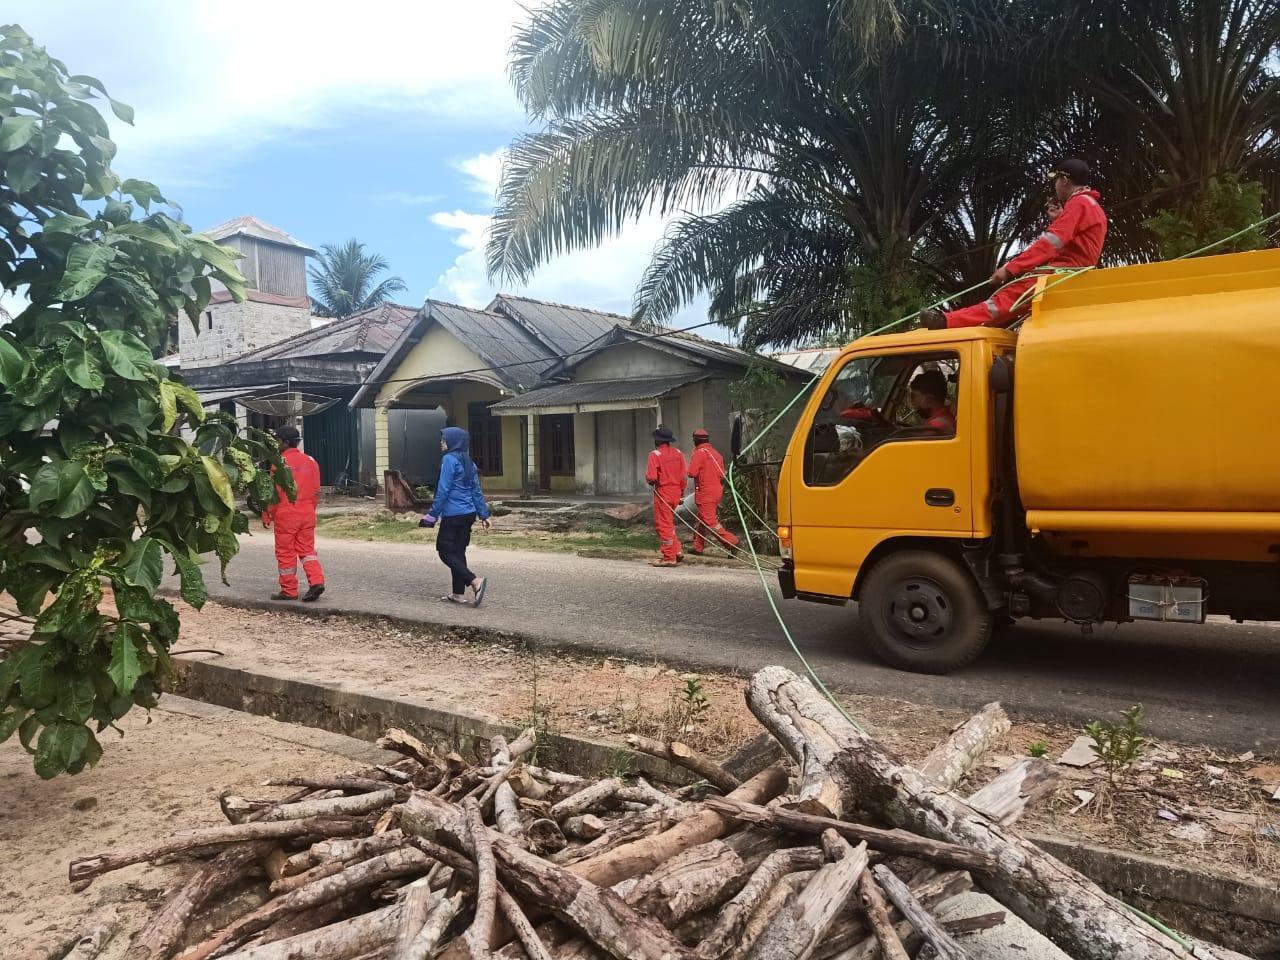 Tujuh Desa Disemprot Desinfectan, Tim Damkar Basel Dibantu Water Canon